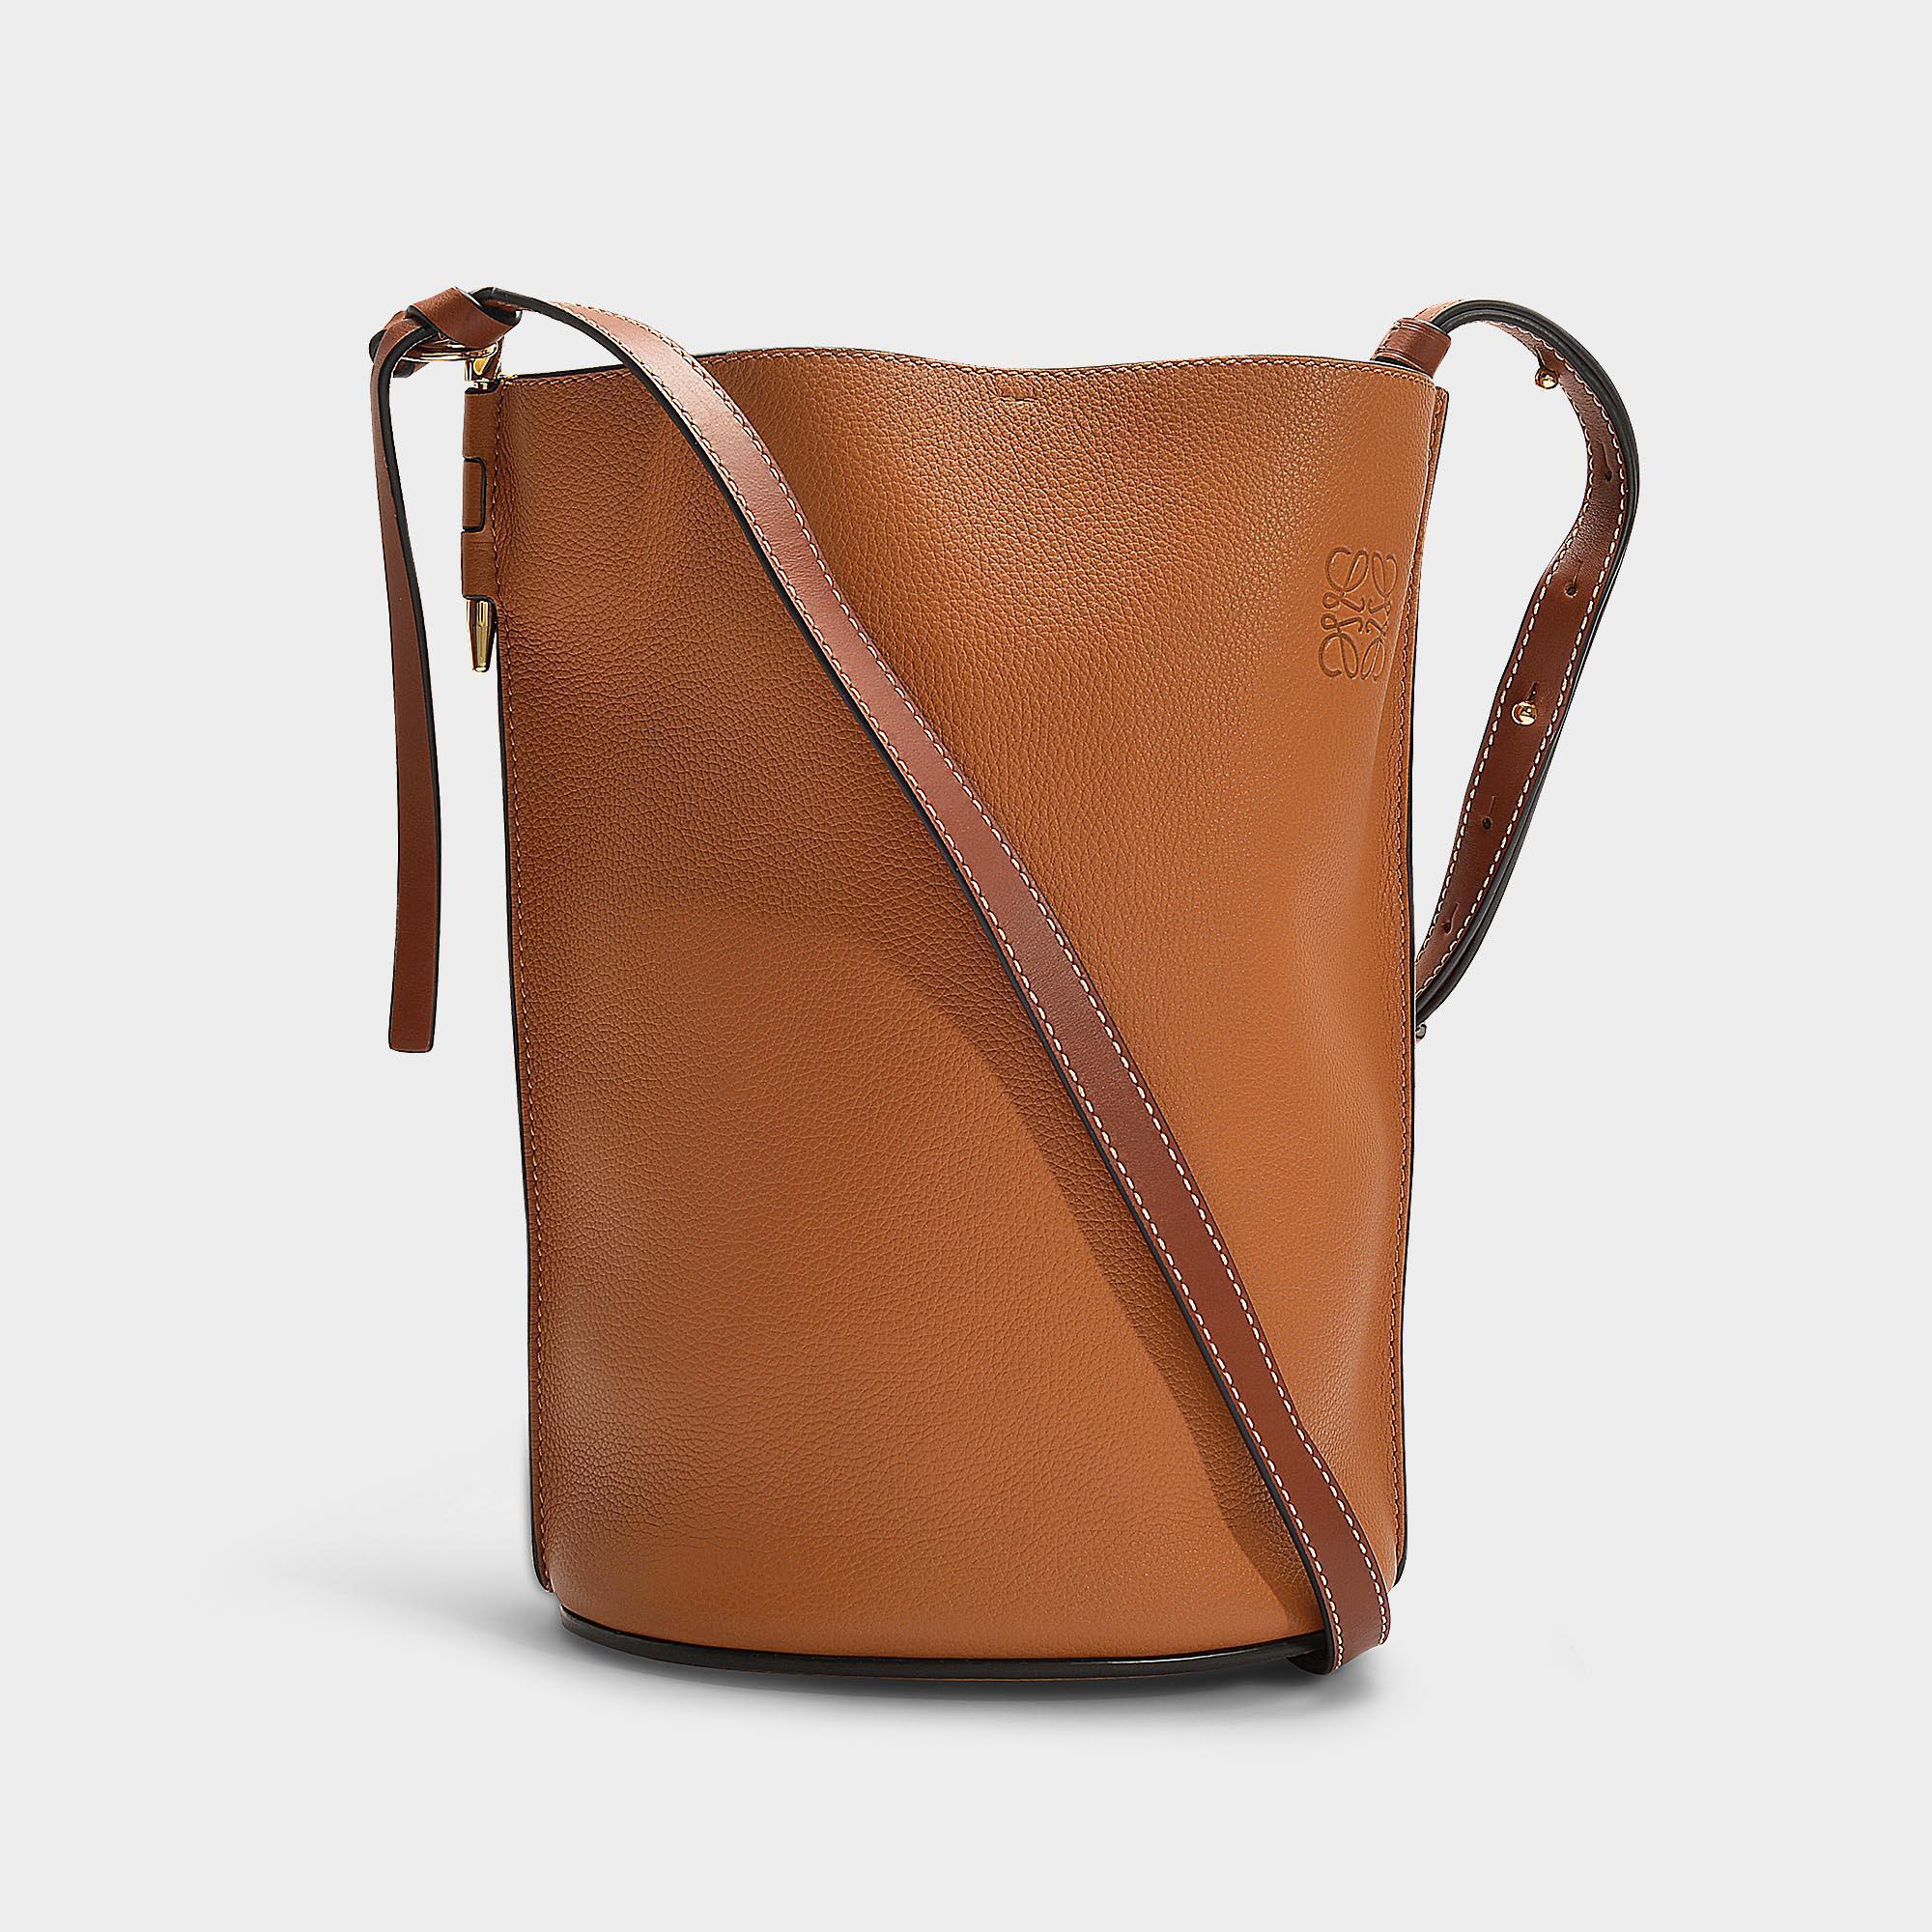 ceb4c6cc14a5 Lyst - Loewe Gate Bucket Bag In Brown Calfskin in Brown